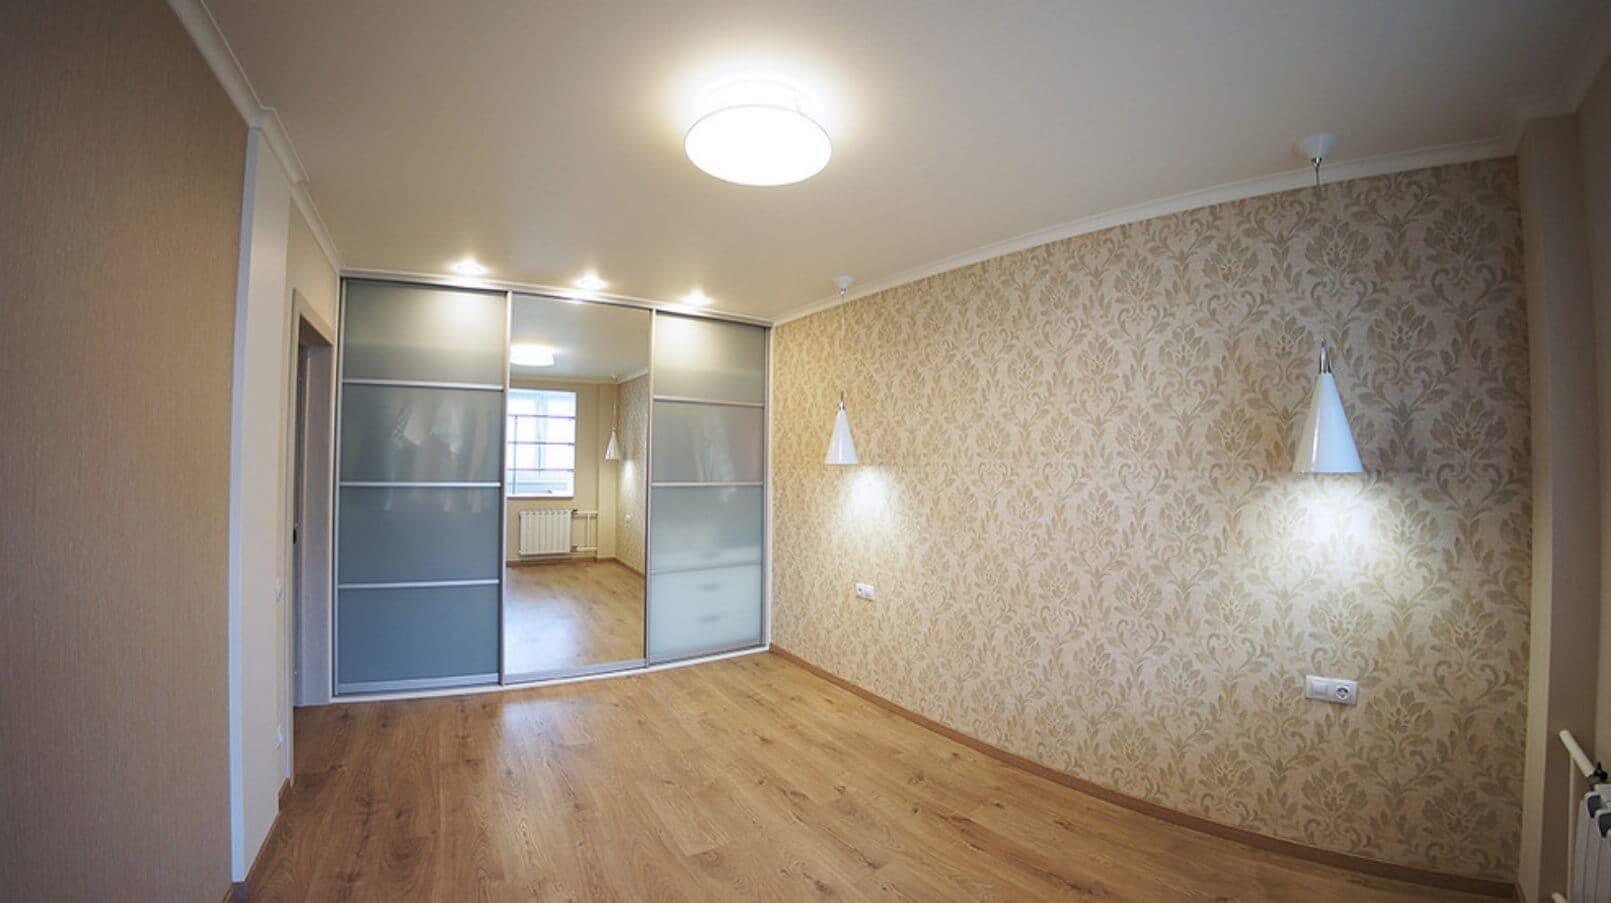 Ремонт квартиры под ключ 82м2